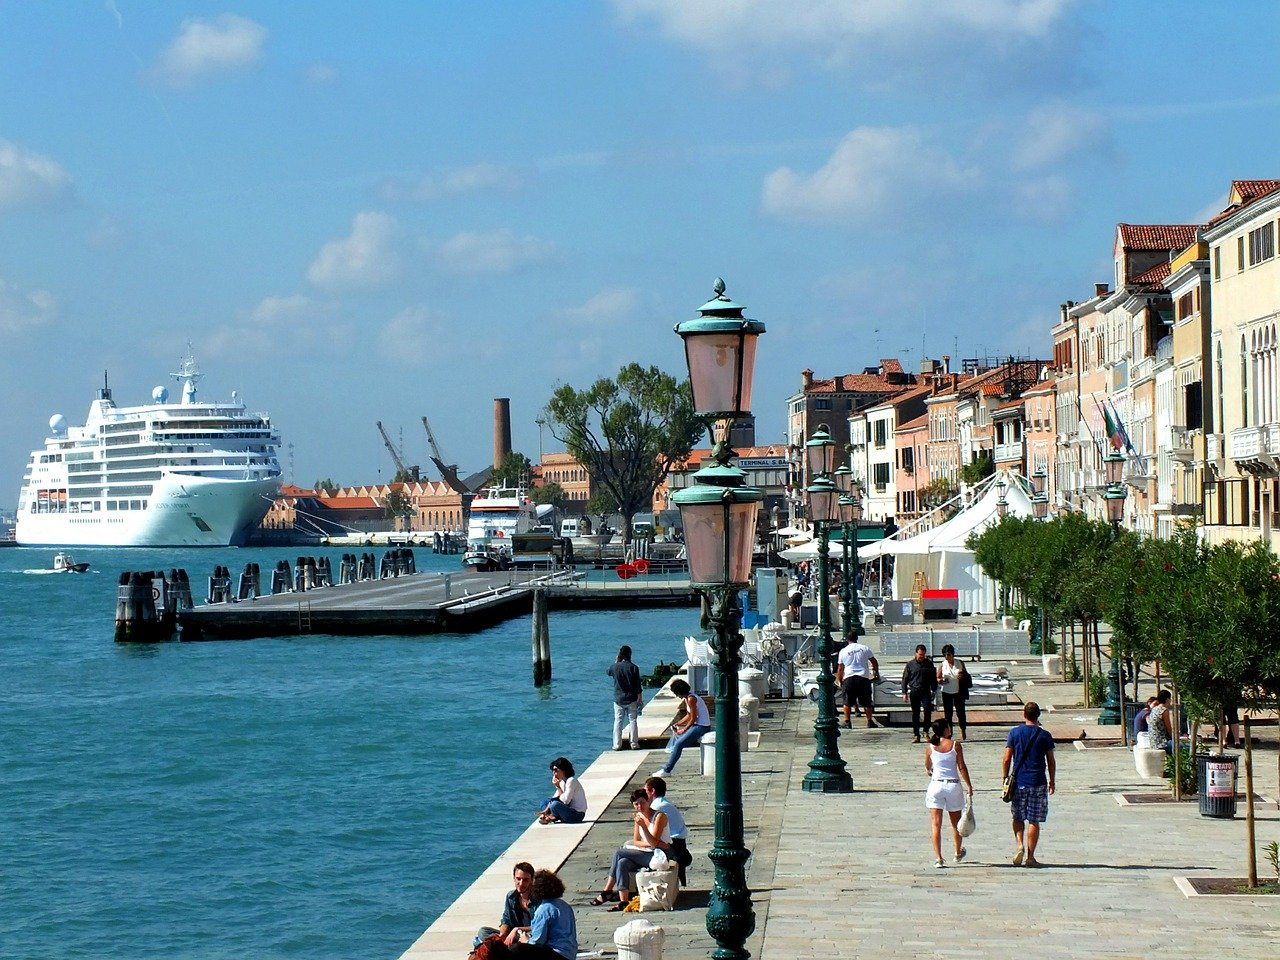 Круиз по Венеции - чем заняться во второй поездке в Италию